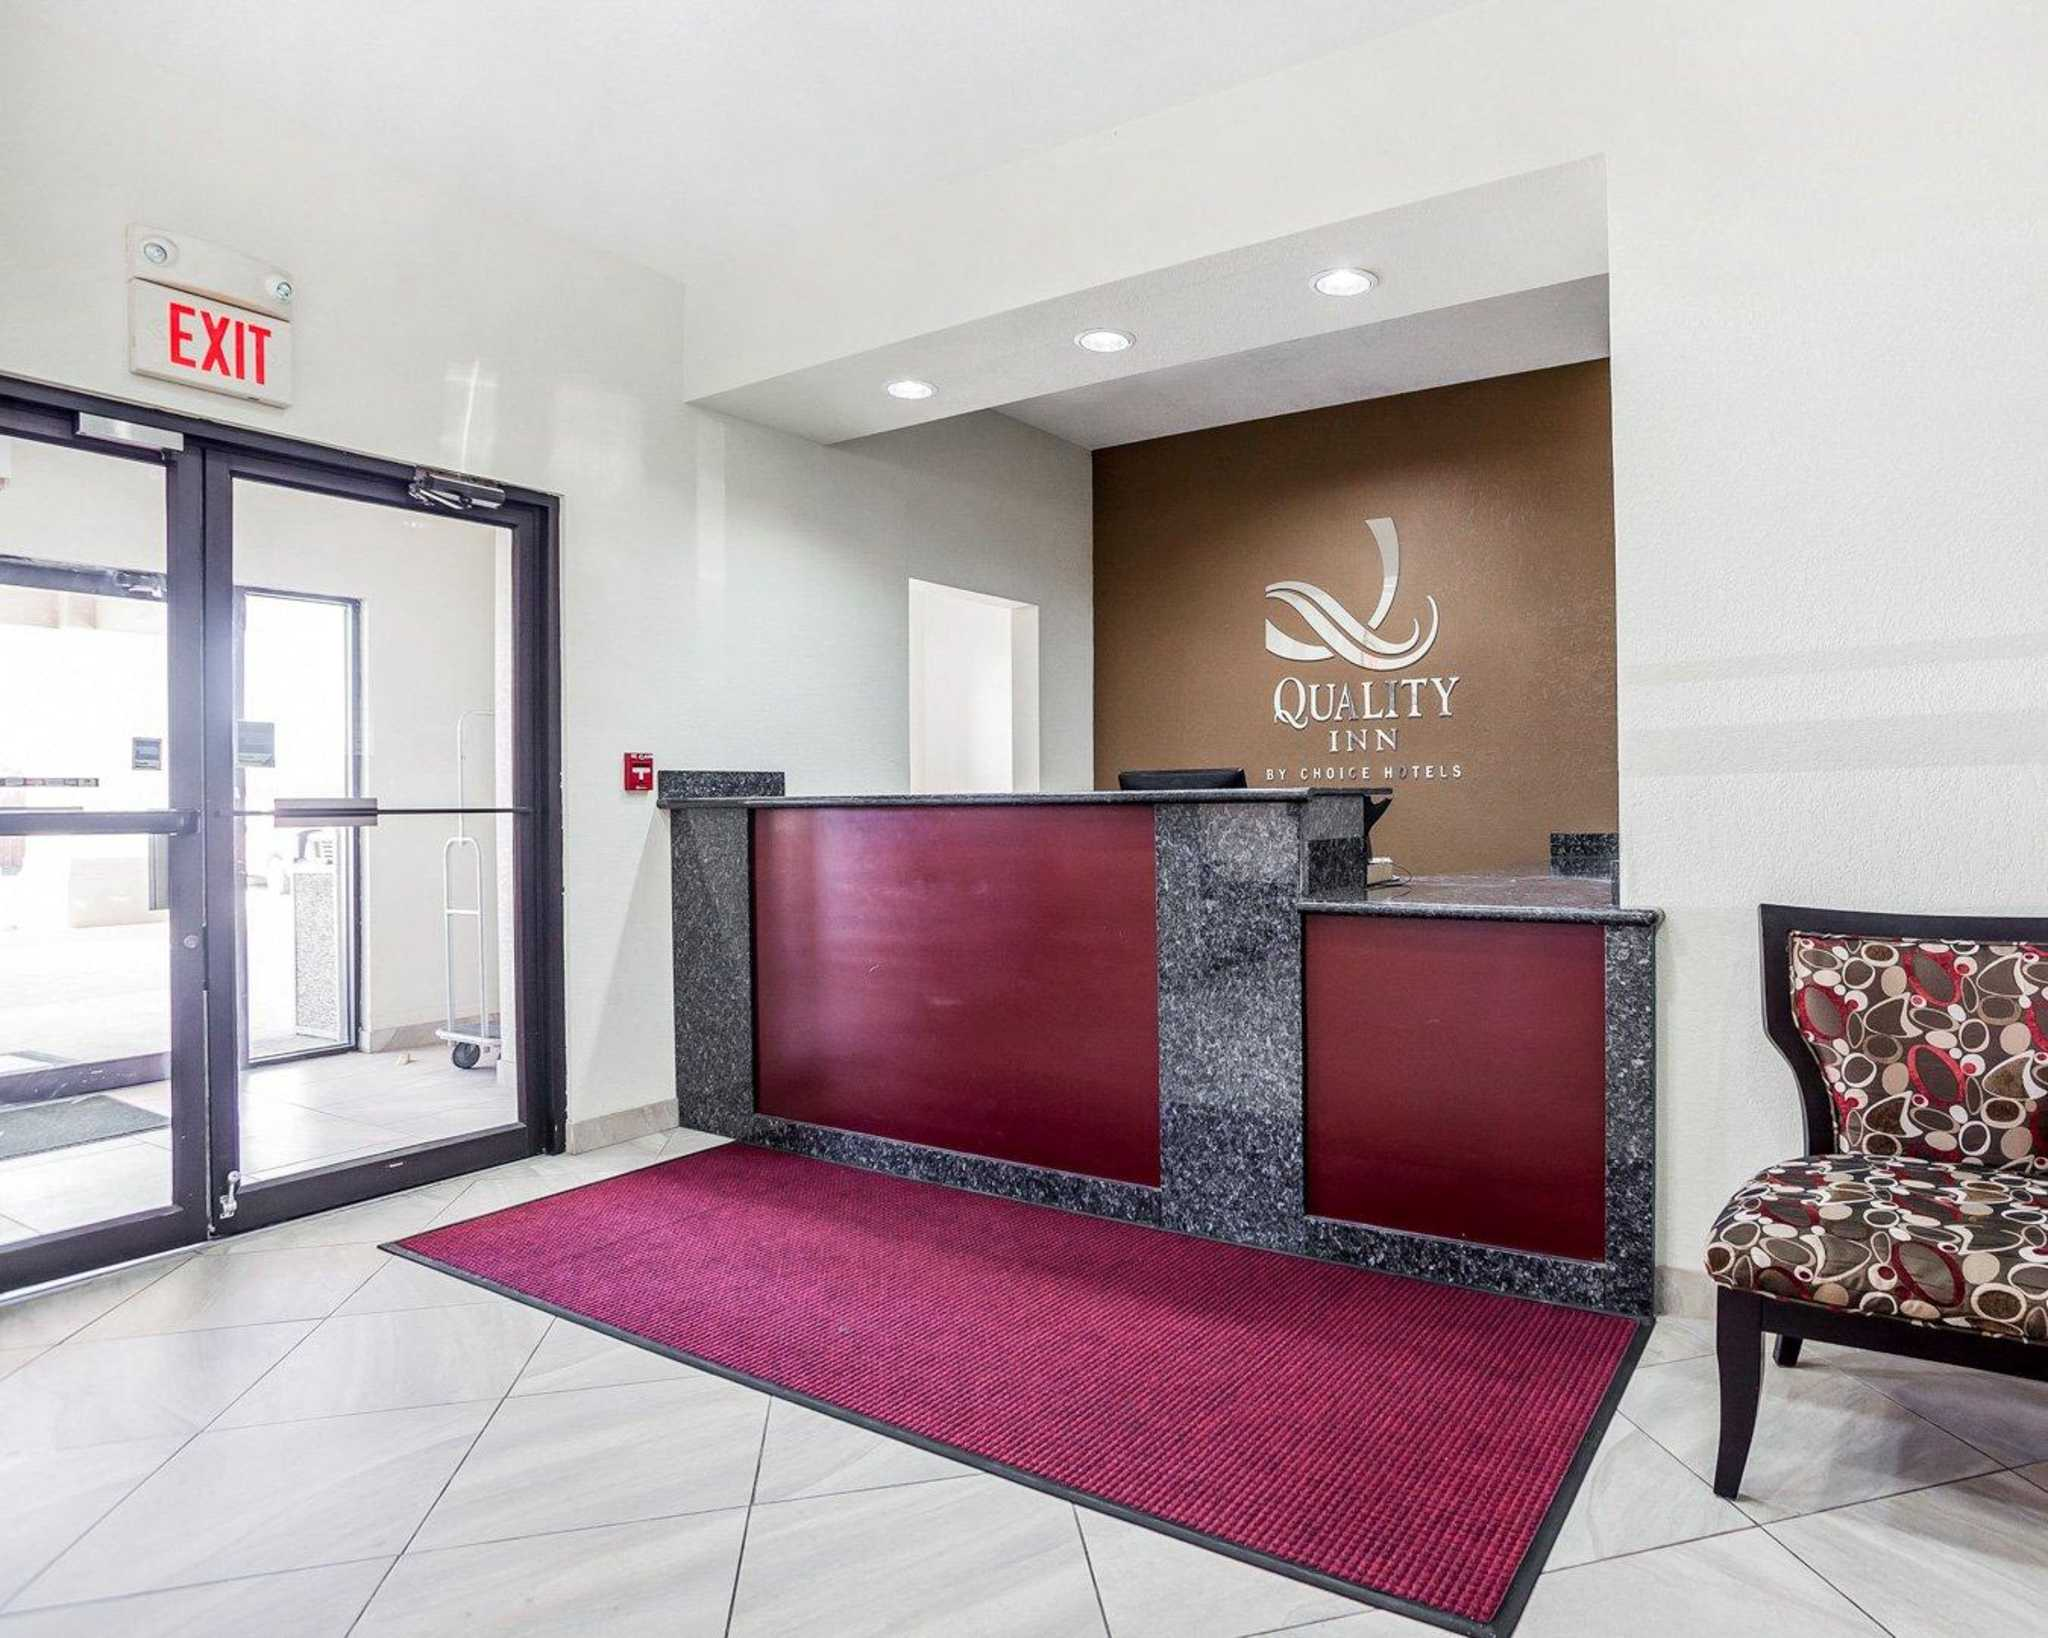 Quality Inn & Suites Altoona - Des Moines image 16